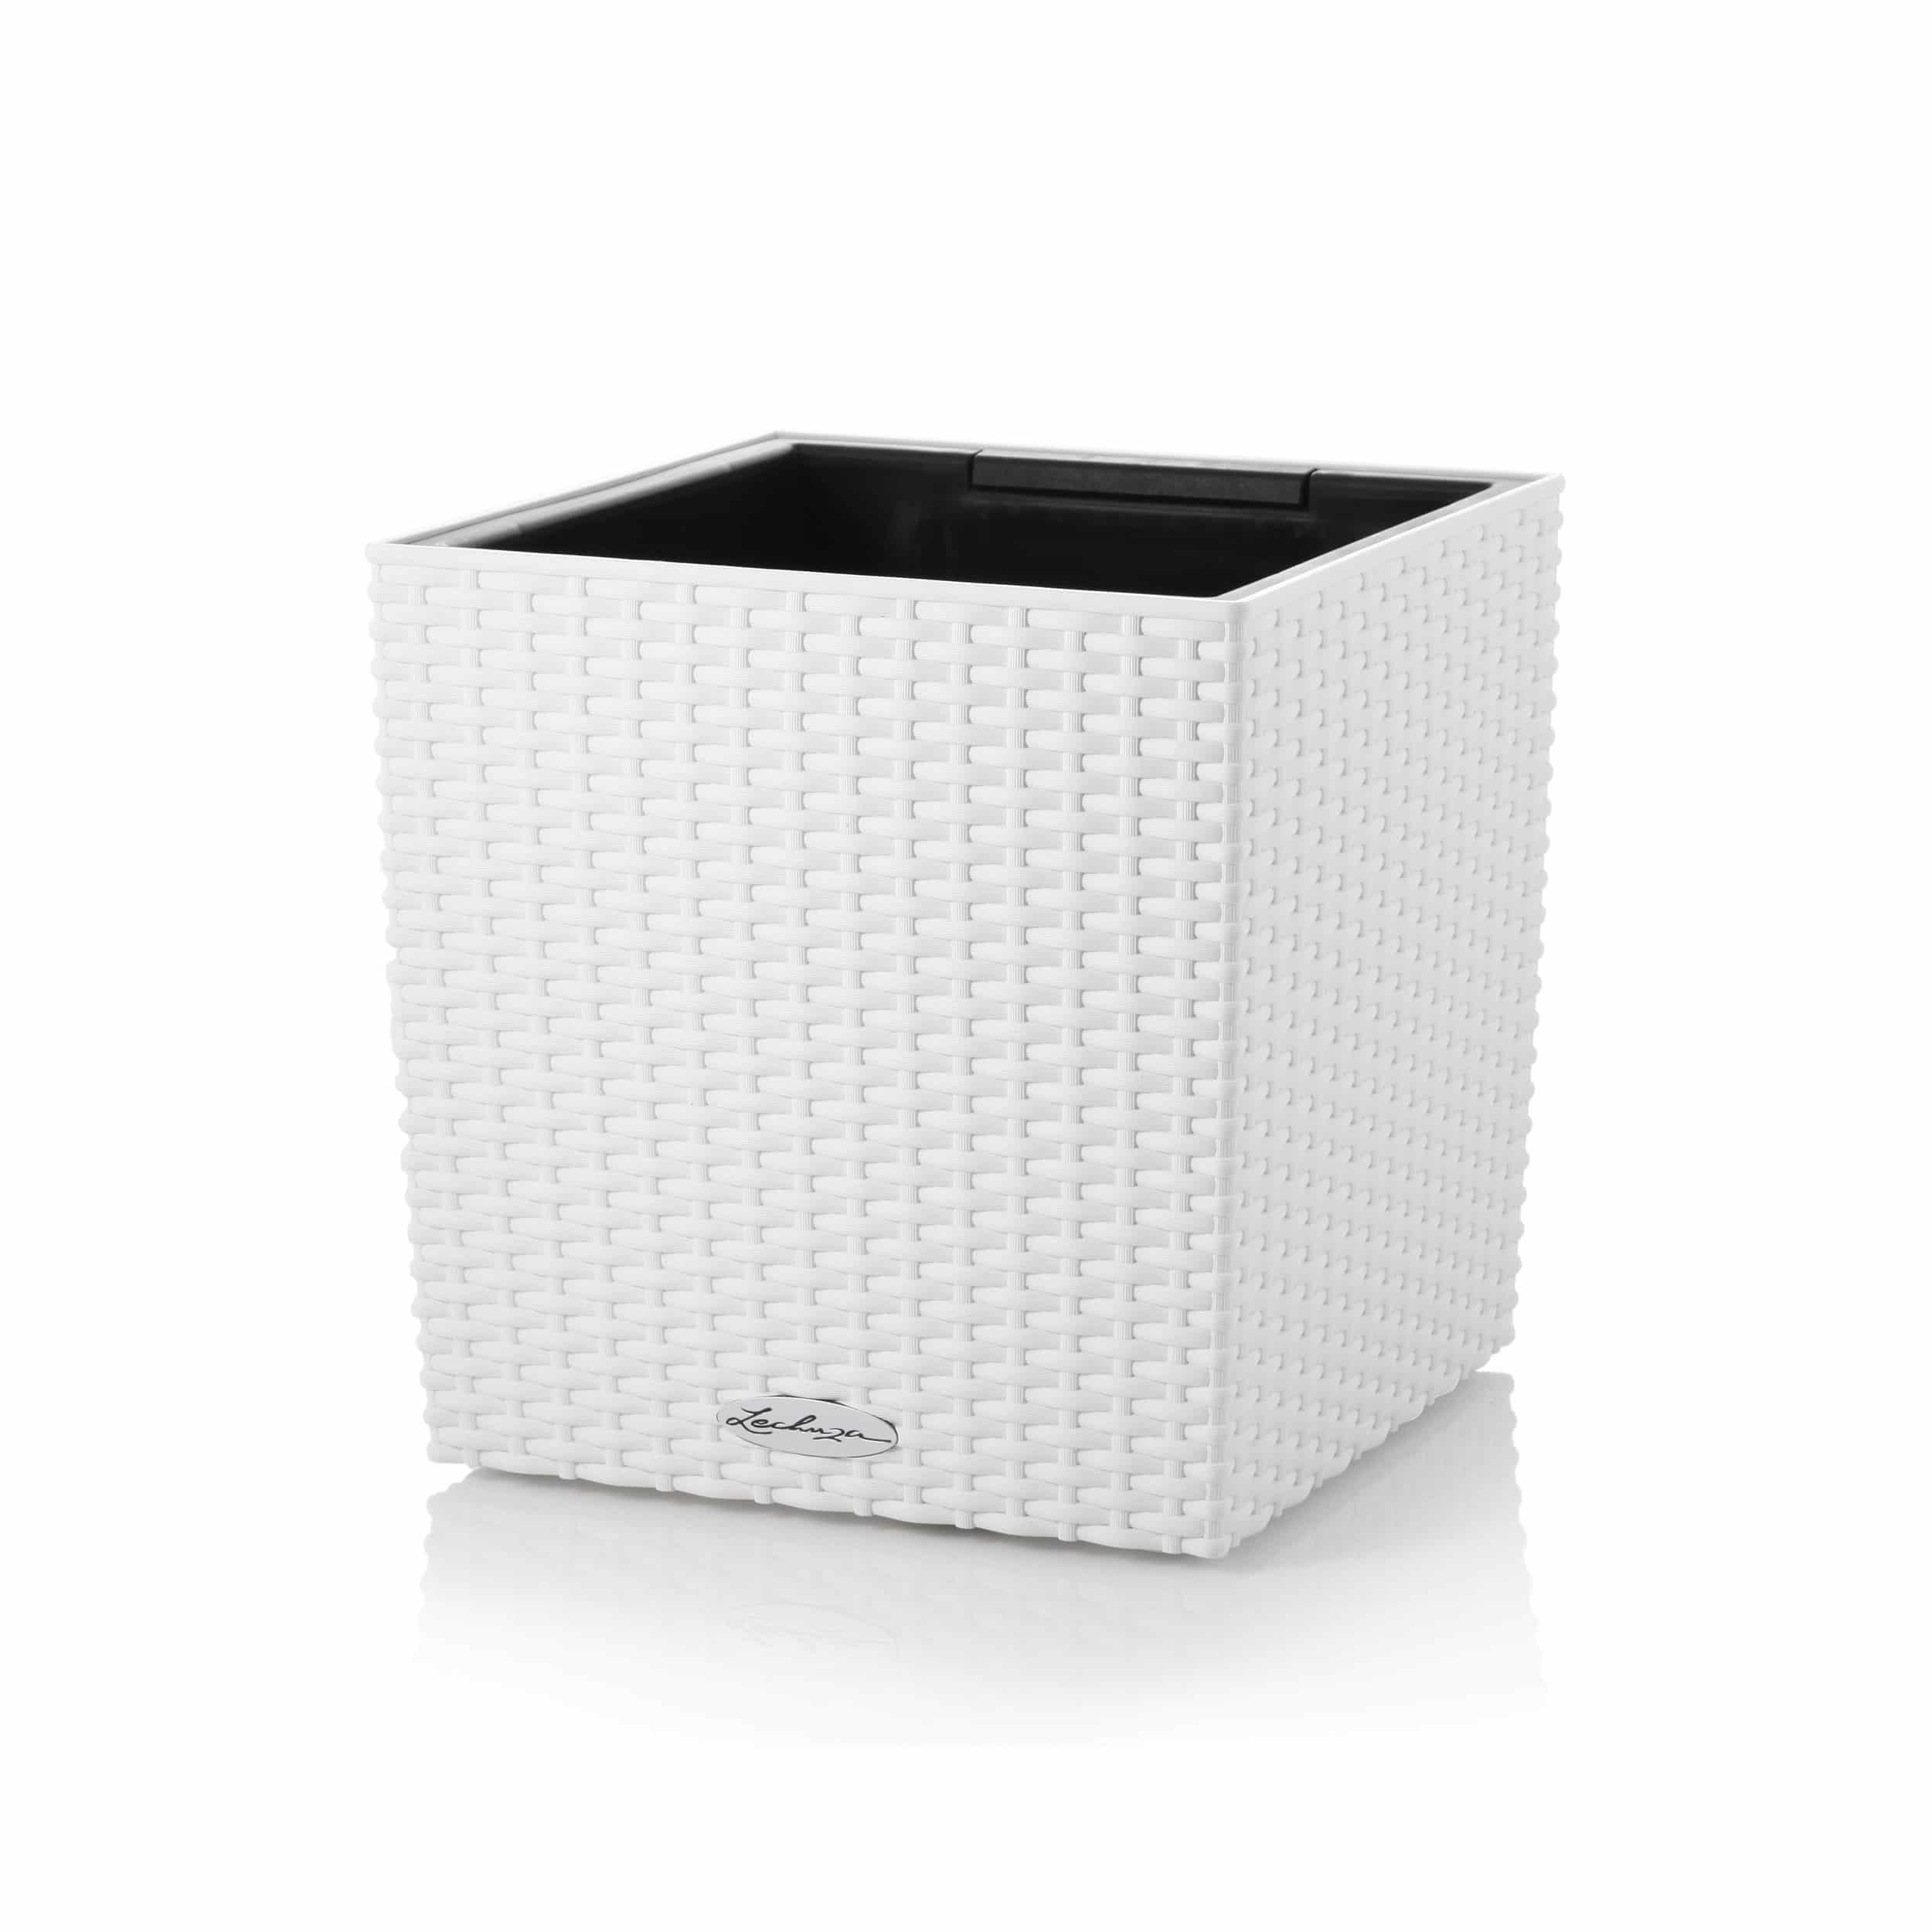 Blumenkübel Cube Cottage 40 All-in-One Set L40cm weiß